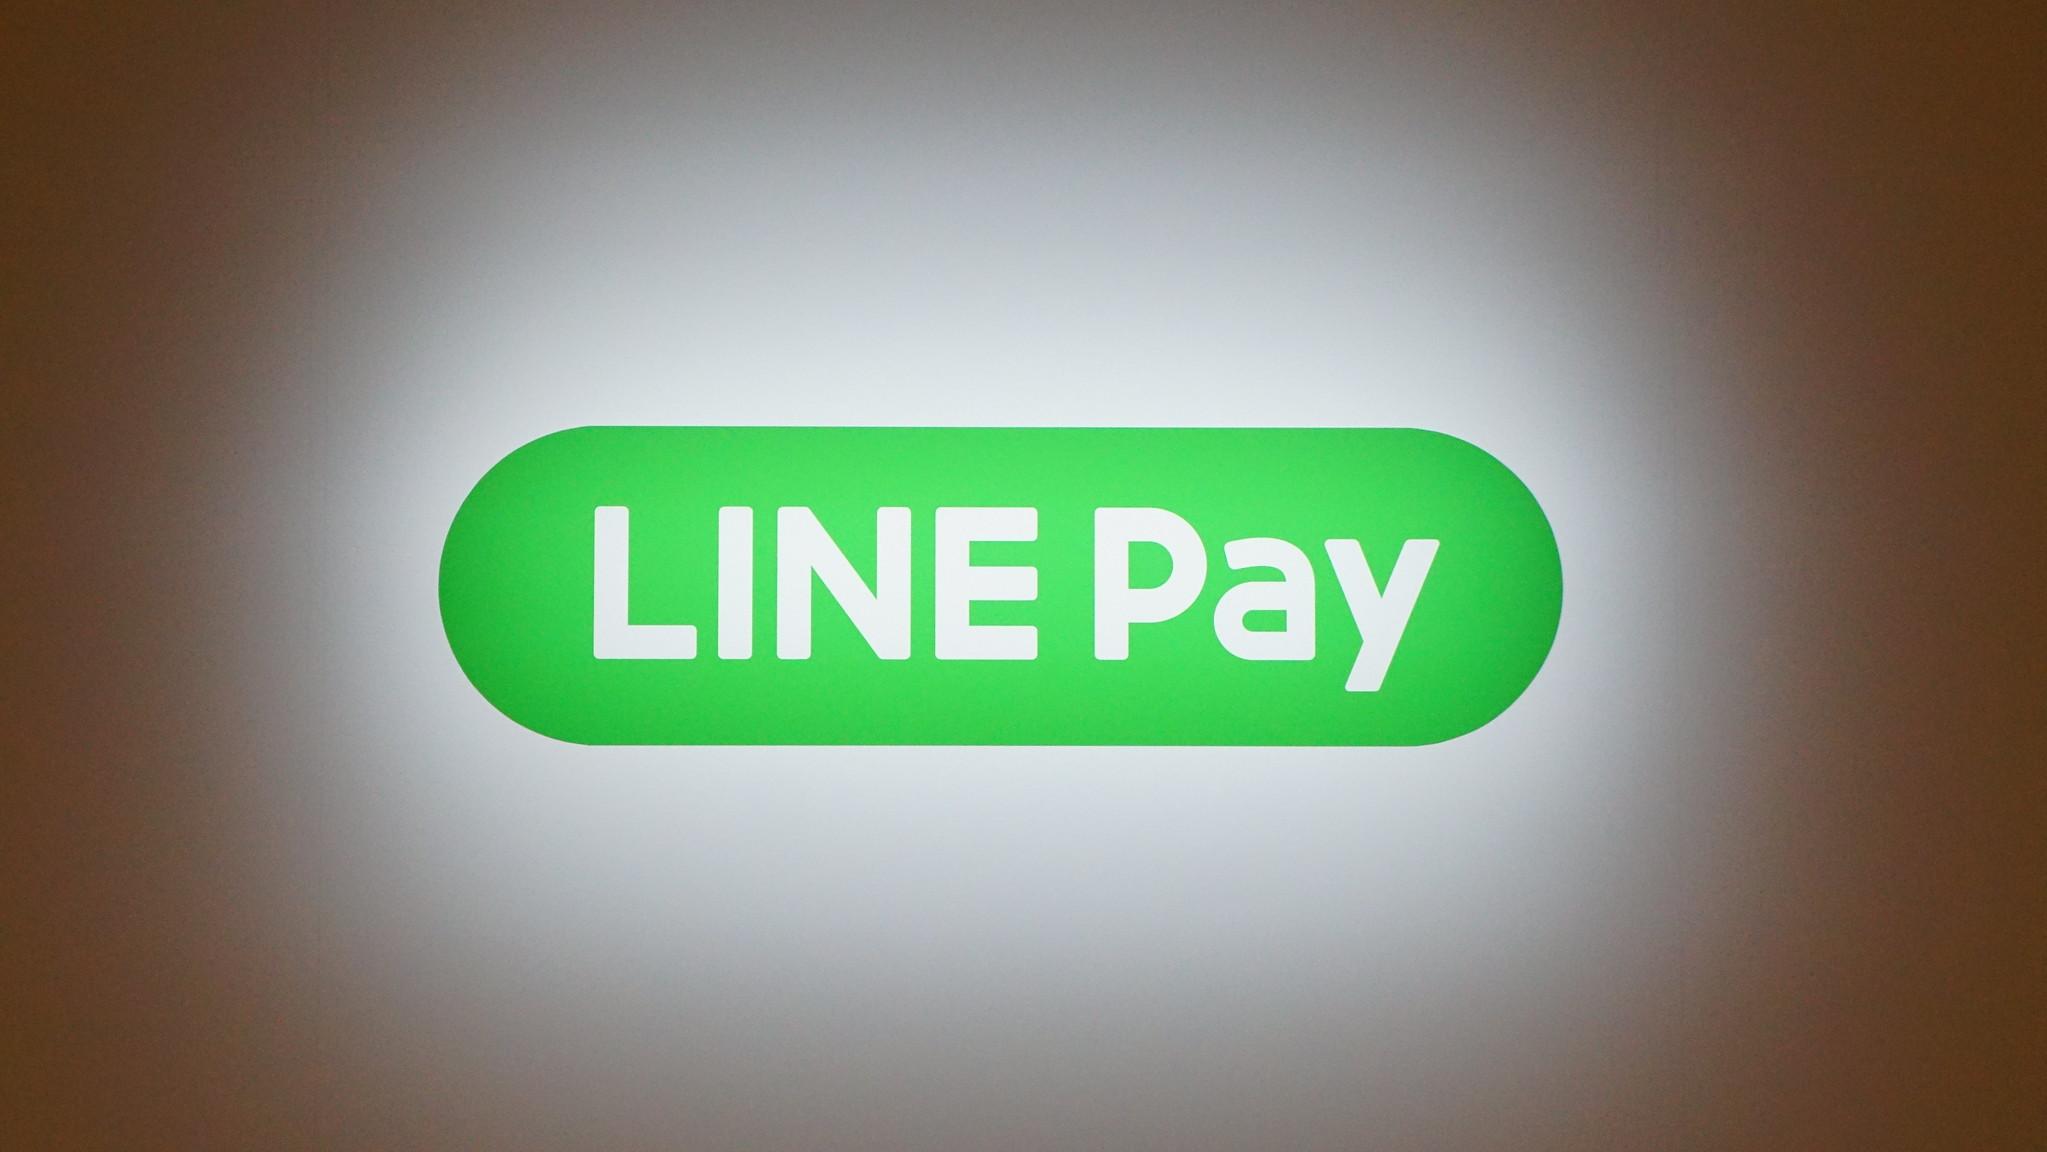 LINE Payボーナス、QUICPay+とLINE Payカードでの支払いに対応へ